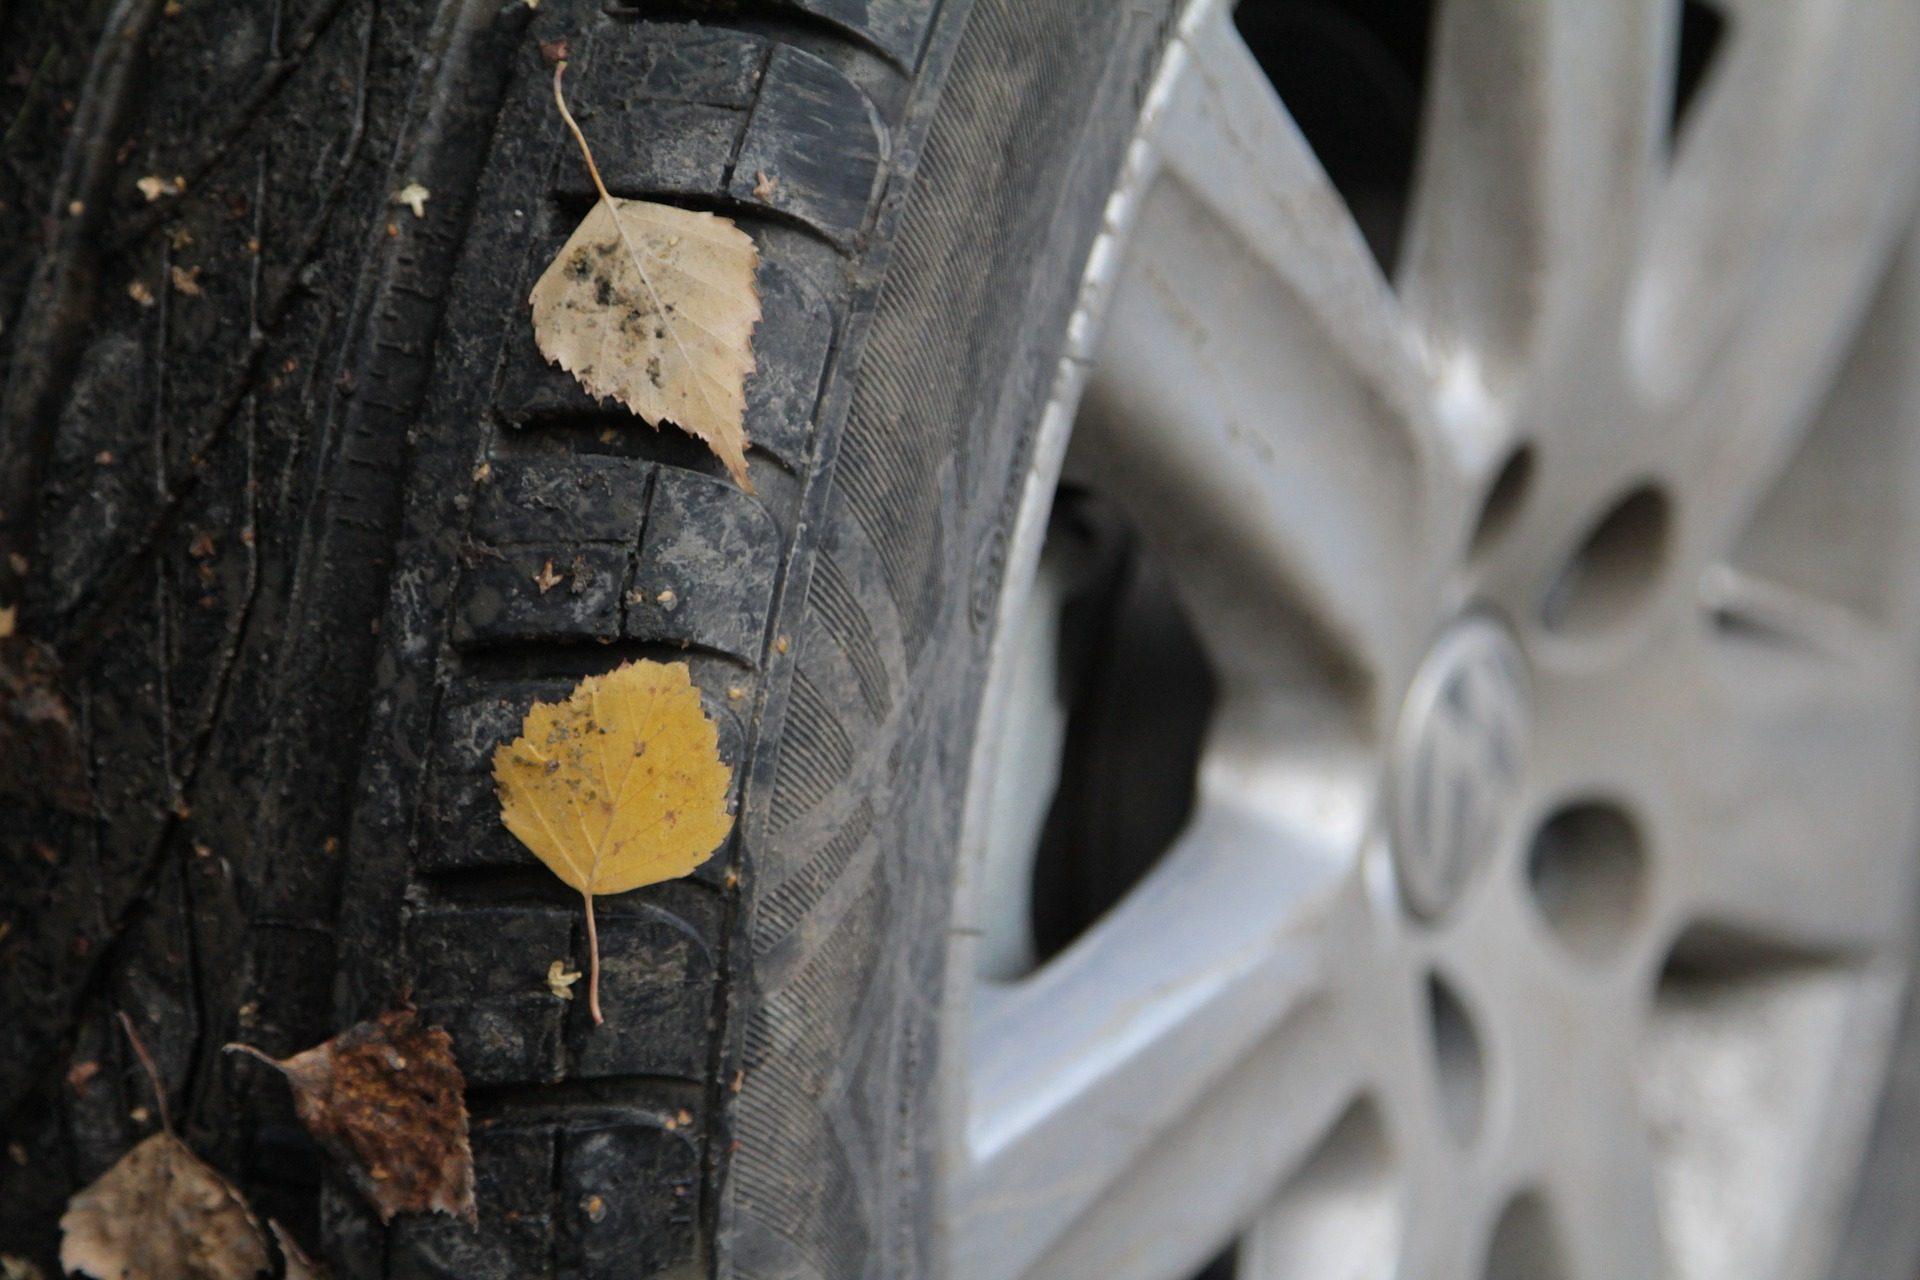 roue, pneu, goma, en caoutchouc, Metal, feuilles - Fonds d'écran HD - Professor-falken.com